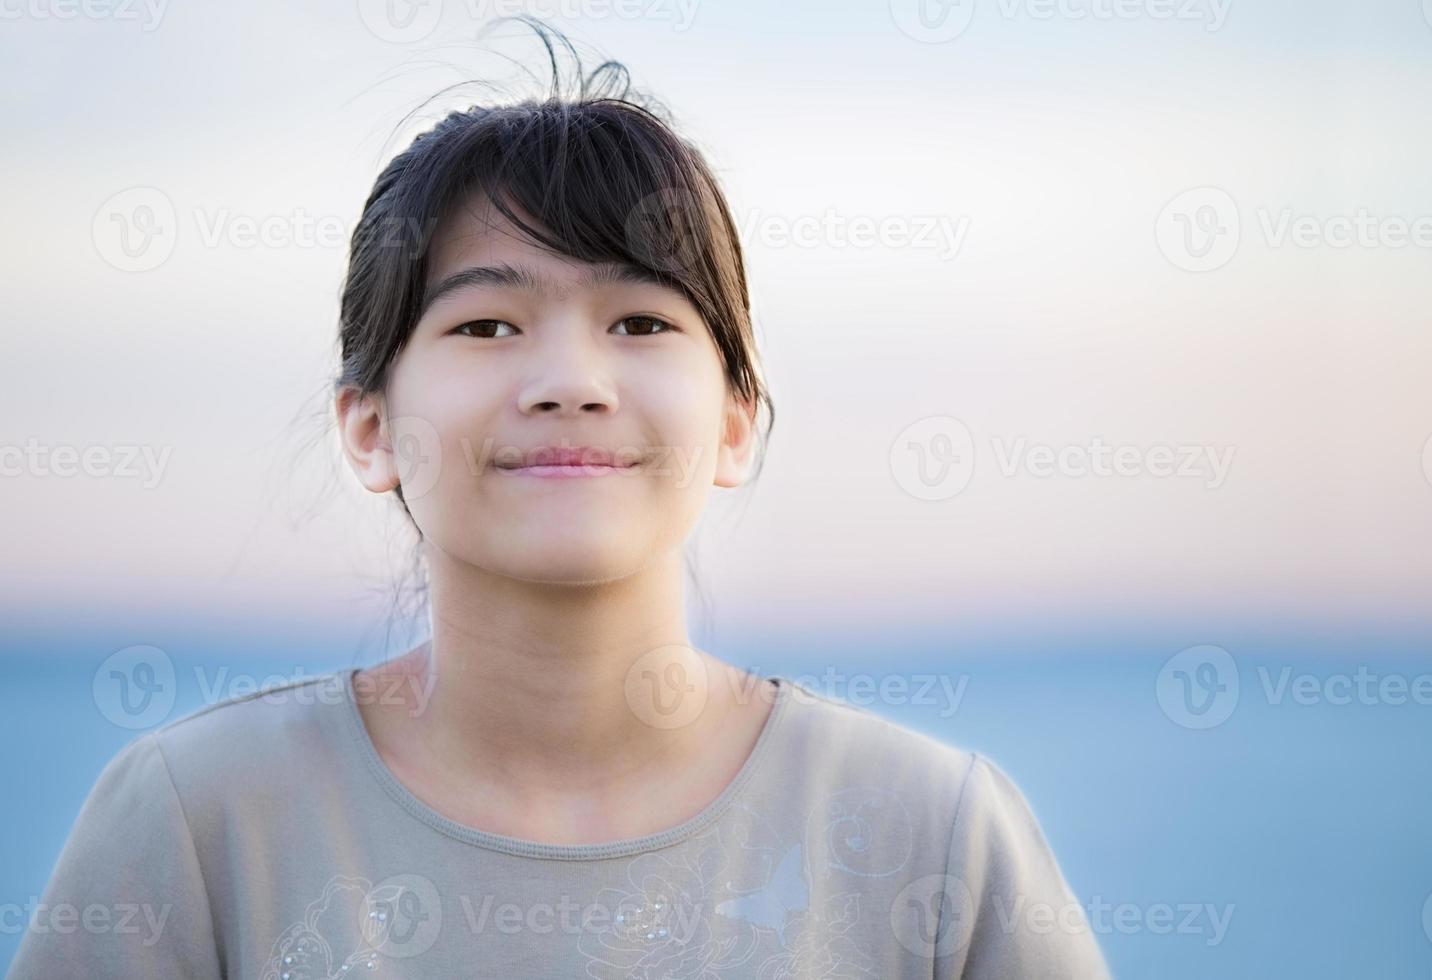 bella ragazza giovane del preteen che gode all'aperto dal lago al tramonto foto